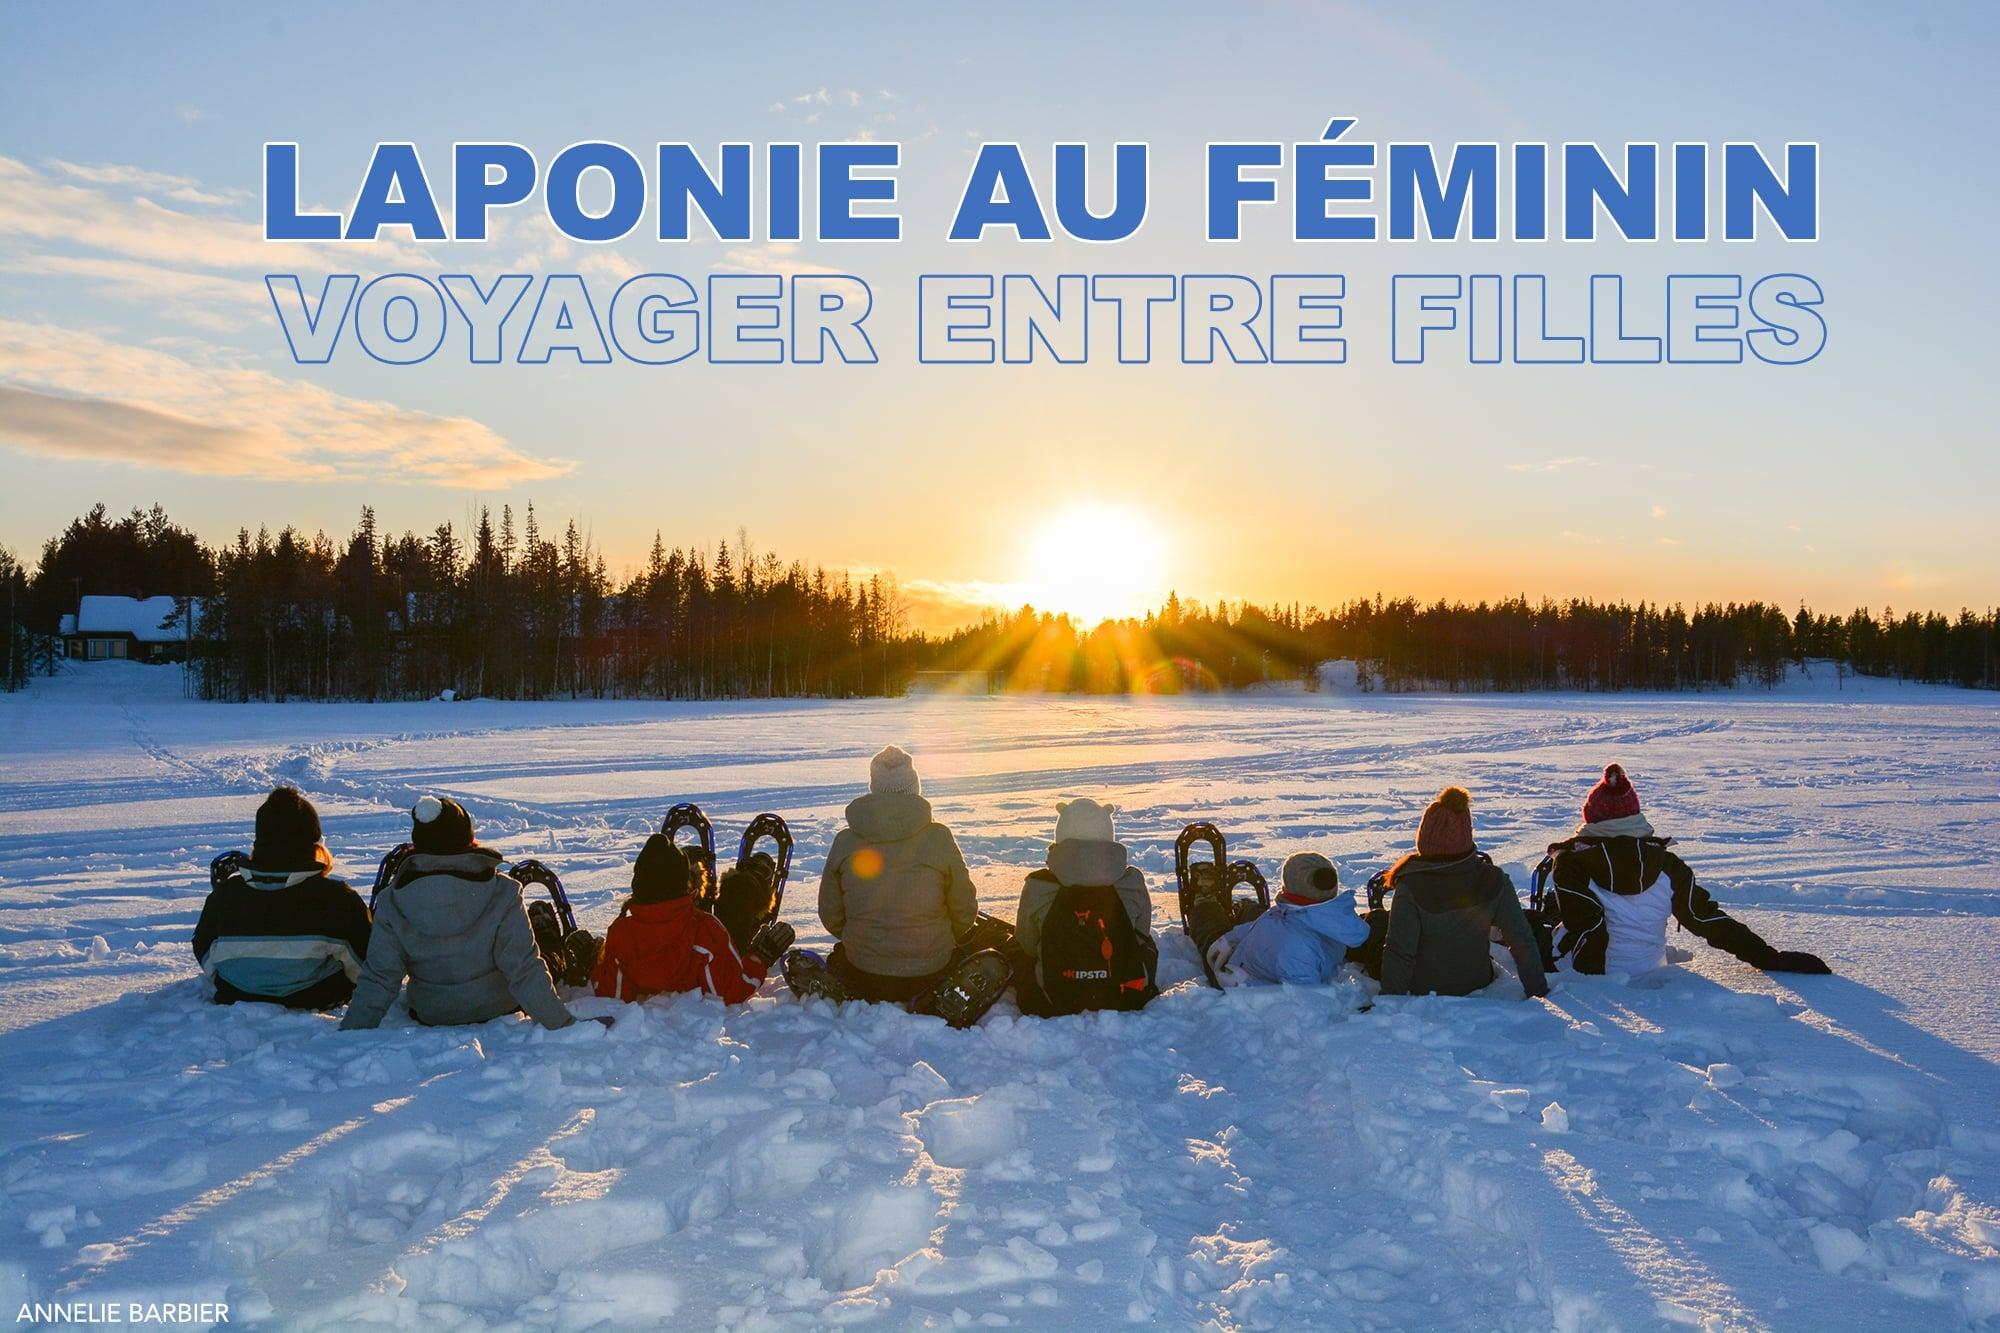 Le premier voyage Laponie au féminin en mars 2017